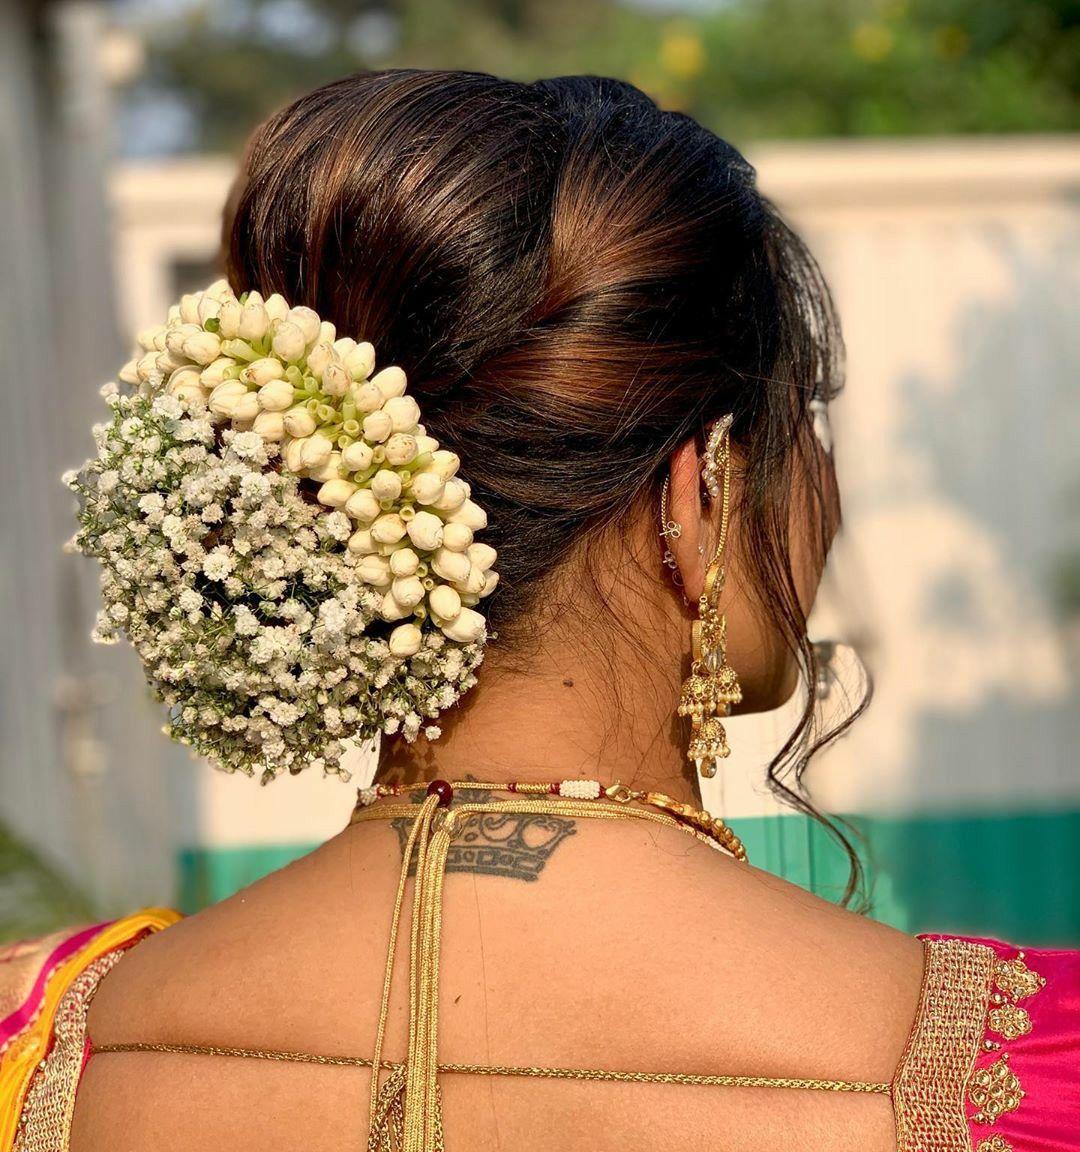 Pin by Ganesan Sankar on GAJARA HAIR BUN in 2020 | Indian ...